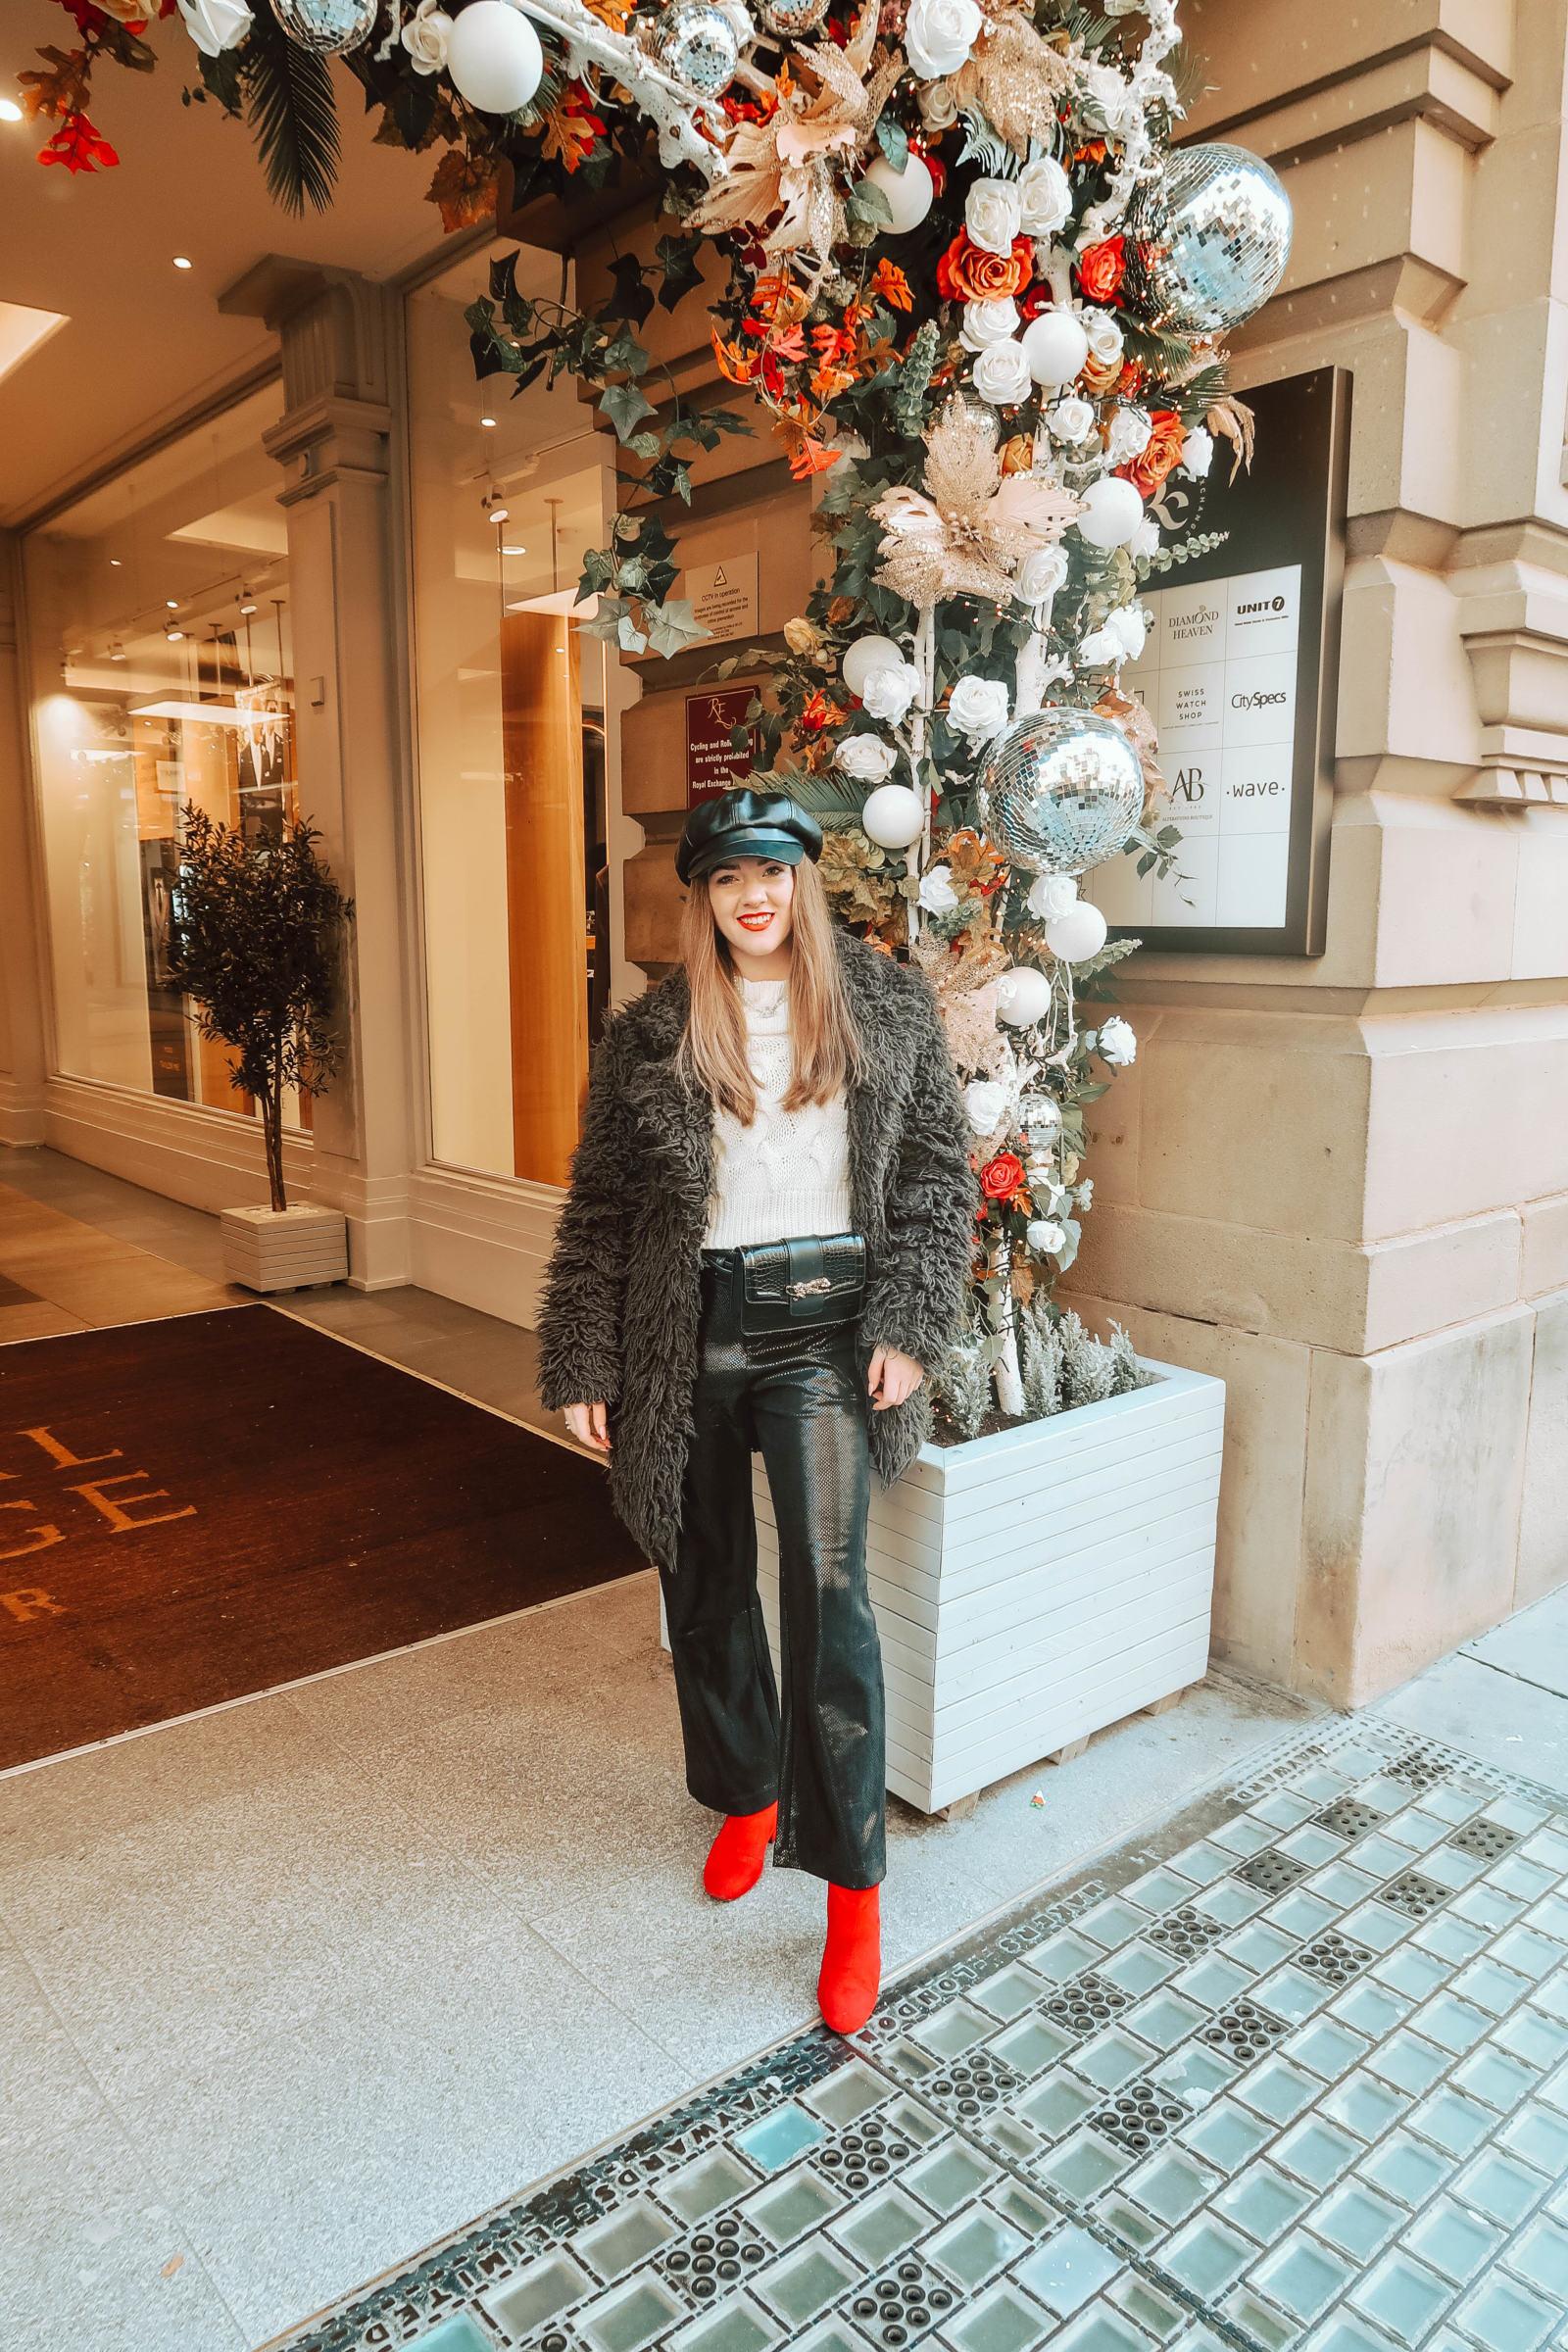 blogmas round up